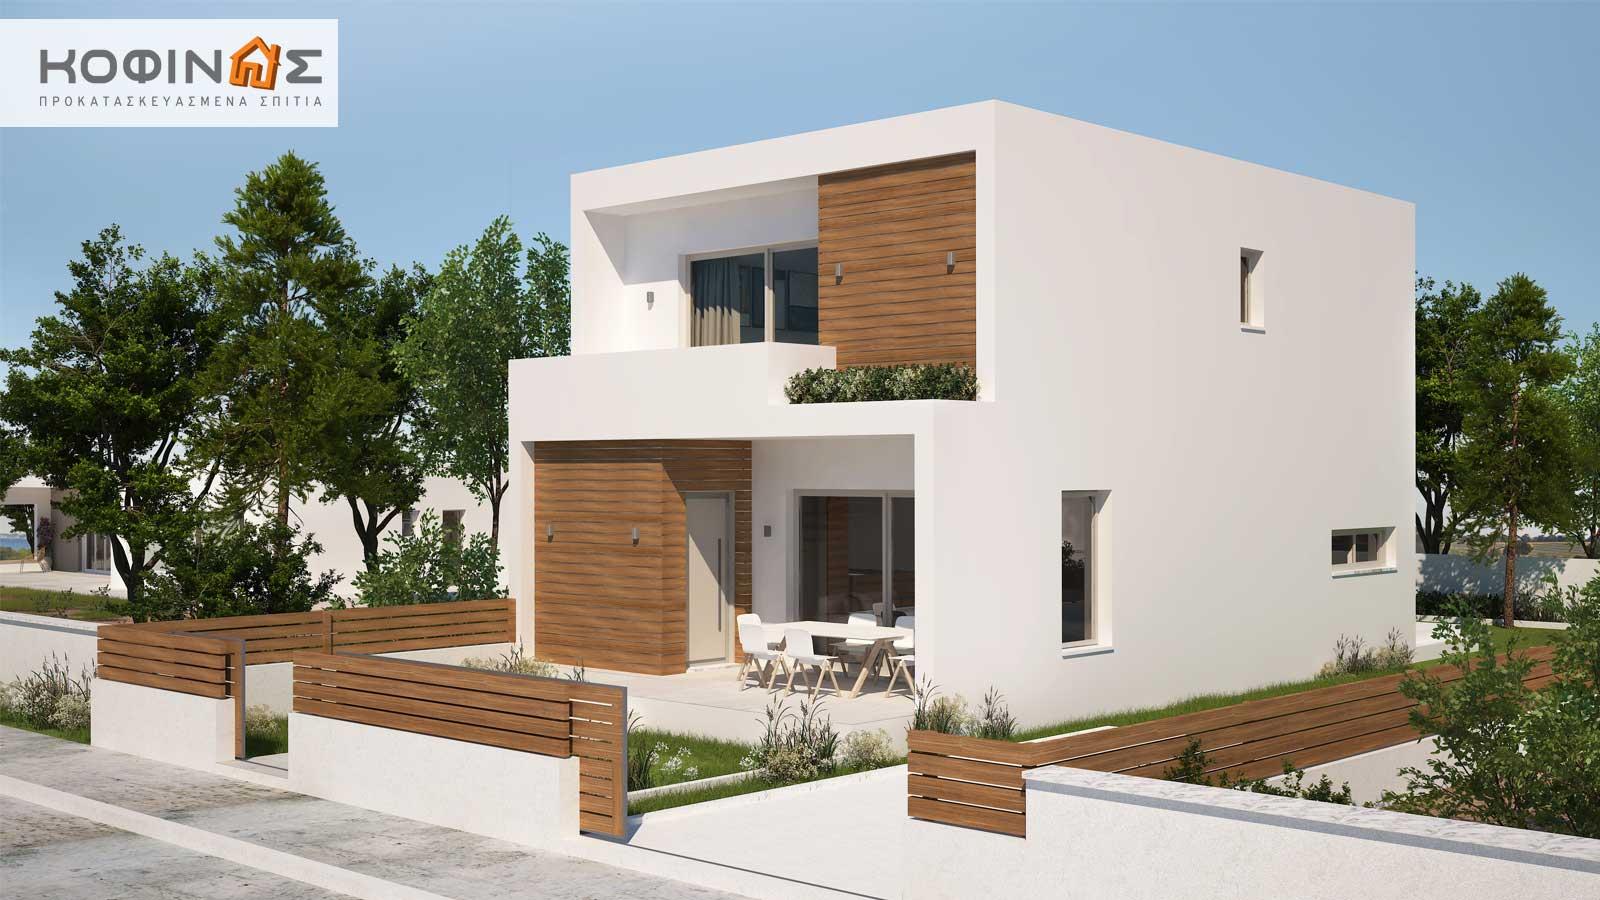 Διώροφη Κατοικία D-139, συνολικής επιφάνειας 139,00 τ.μ.